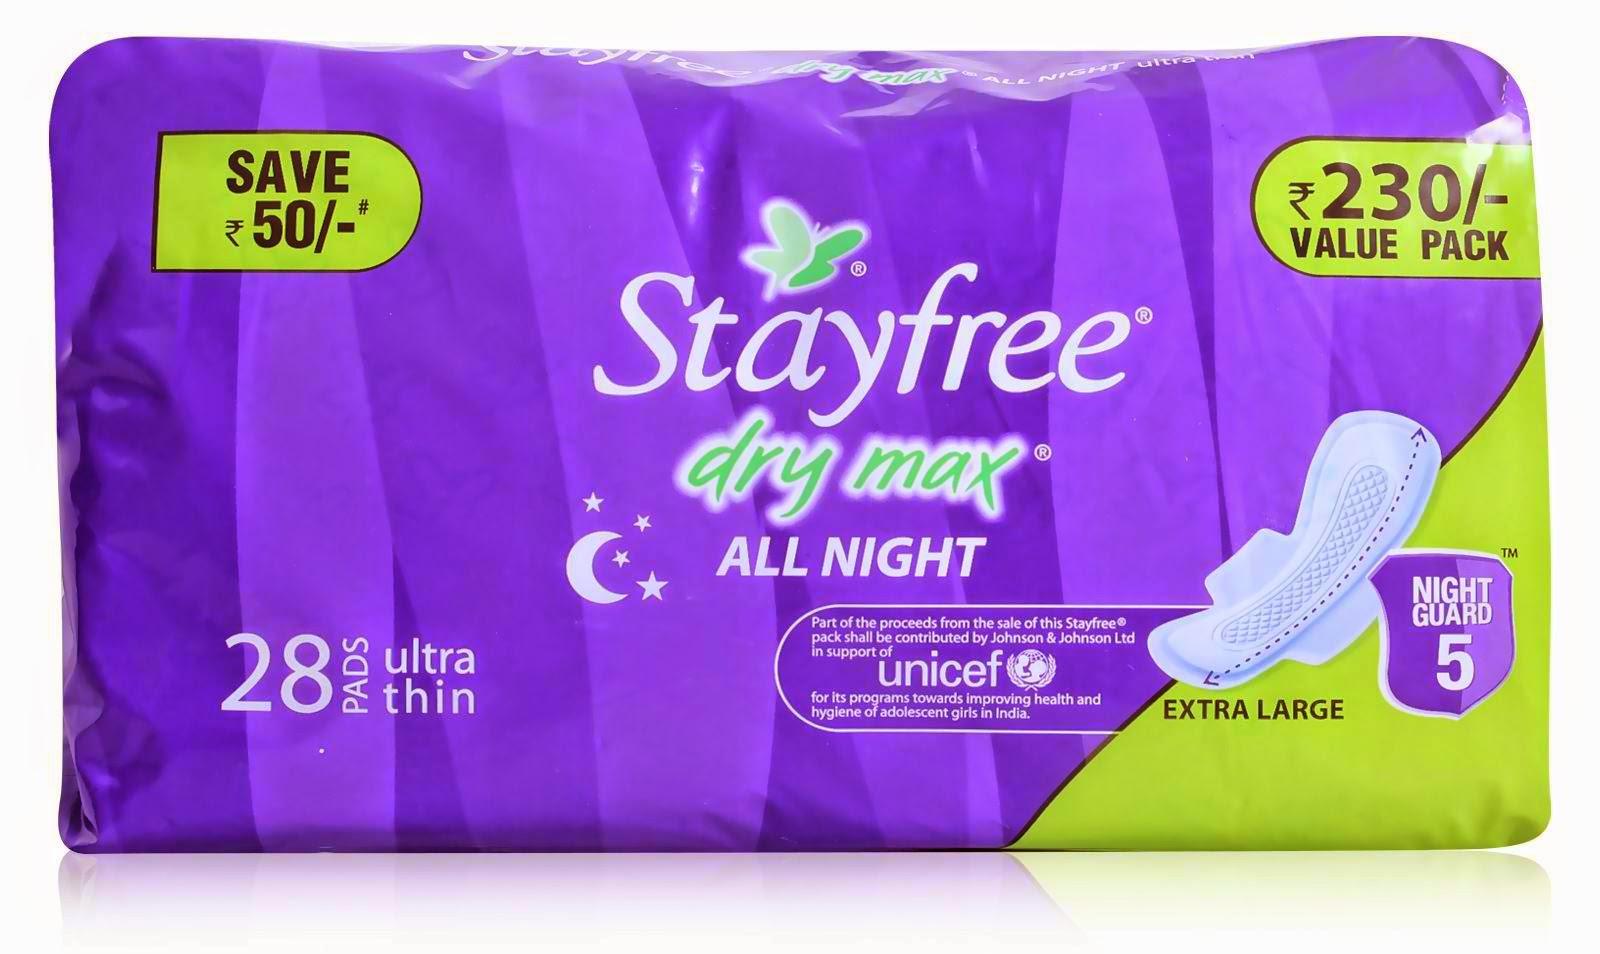 Stayfree napkin